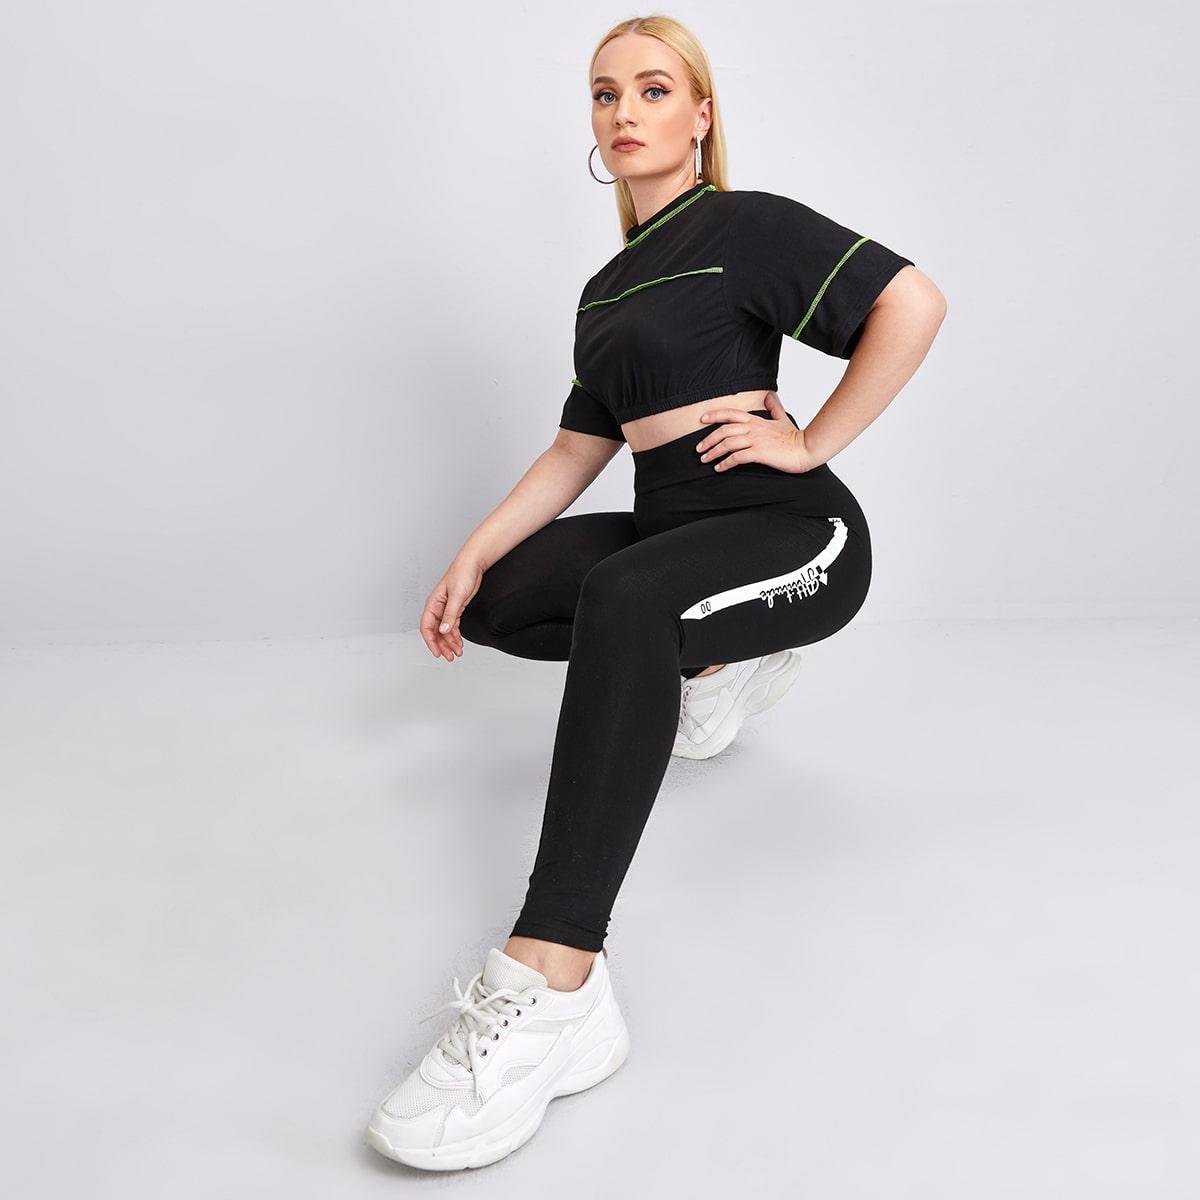 SHEIN Sport Tekst Grote maat: legging